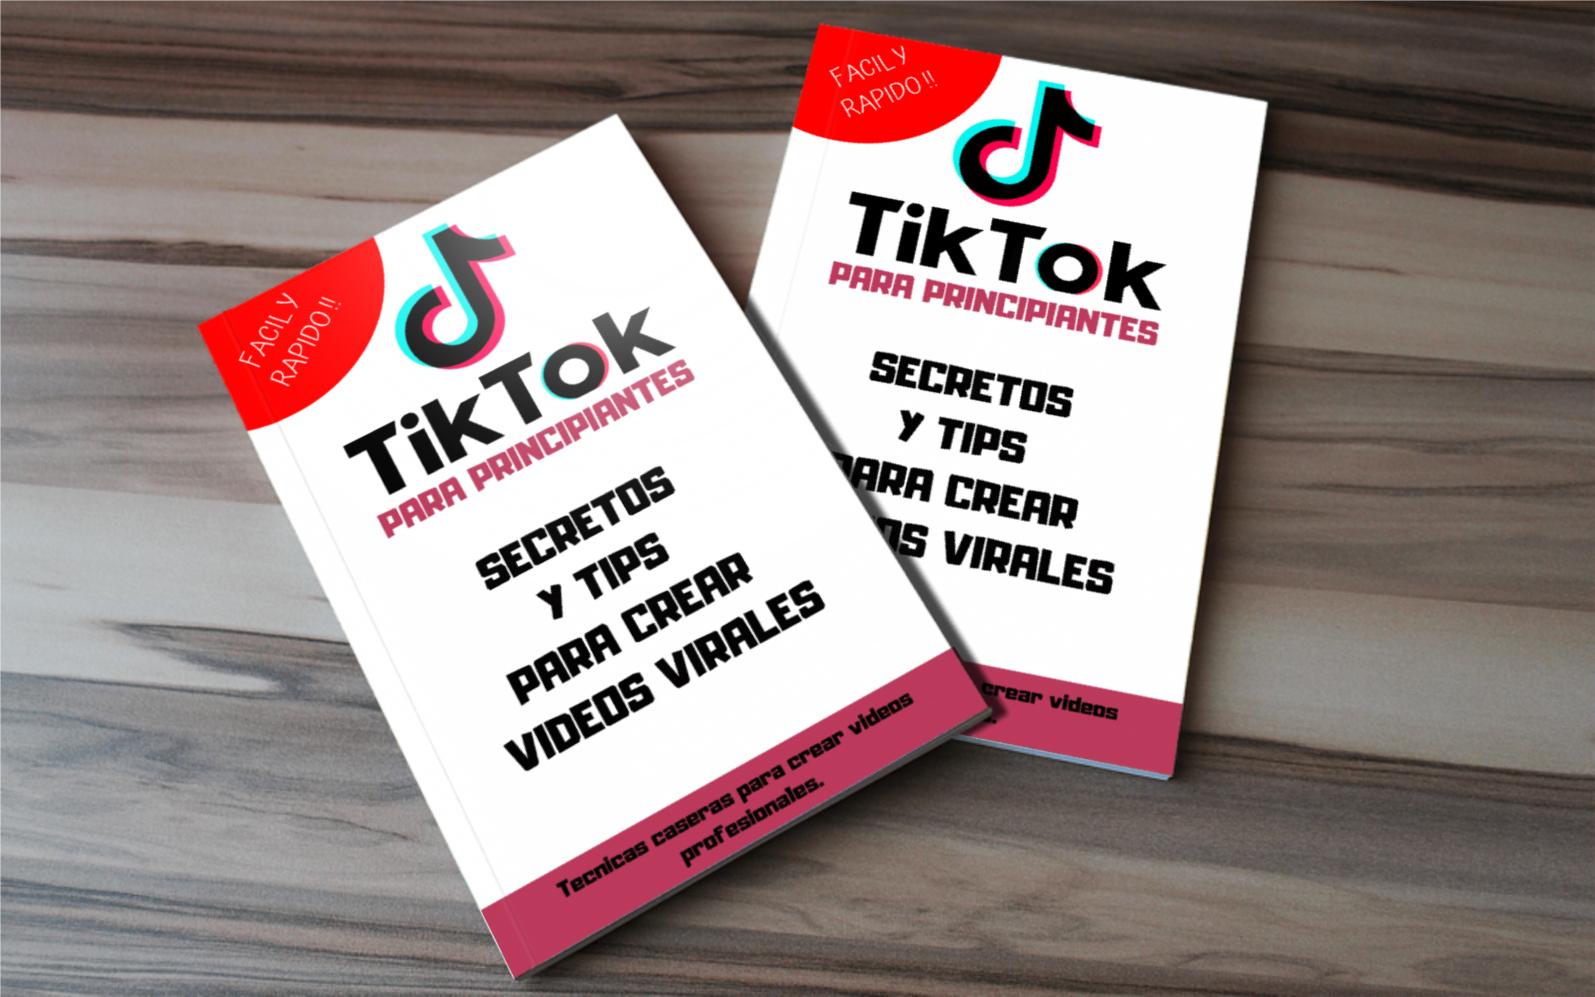 Tik Tok : Crea videos virales con estos tips y secretos!